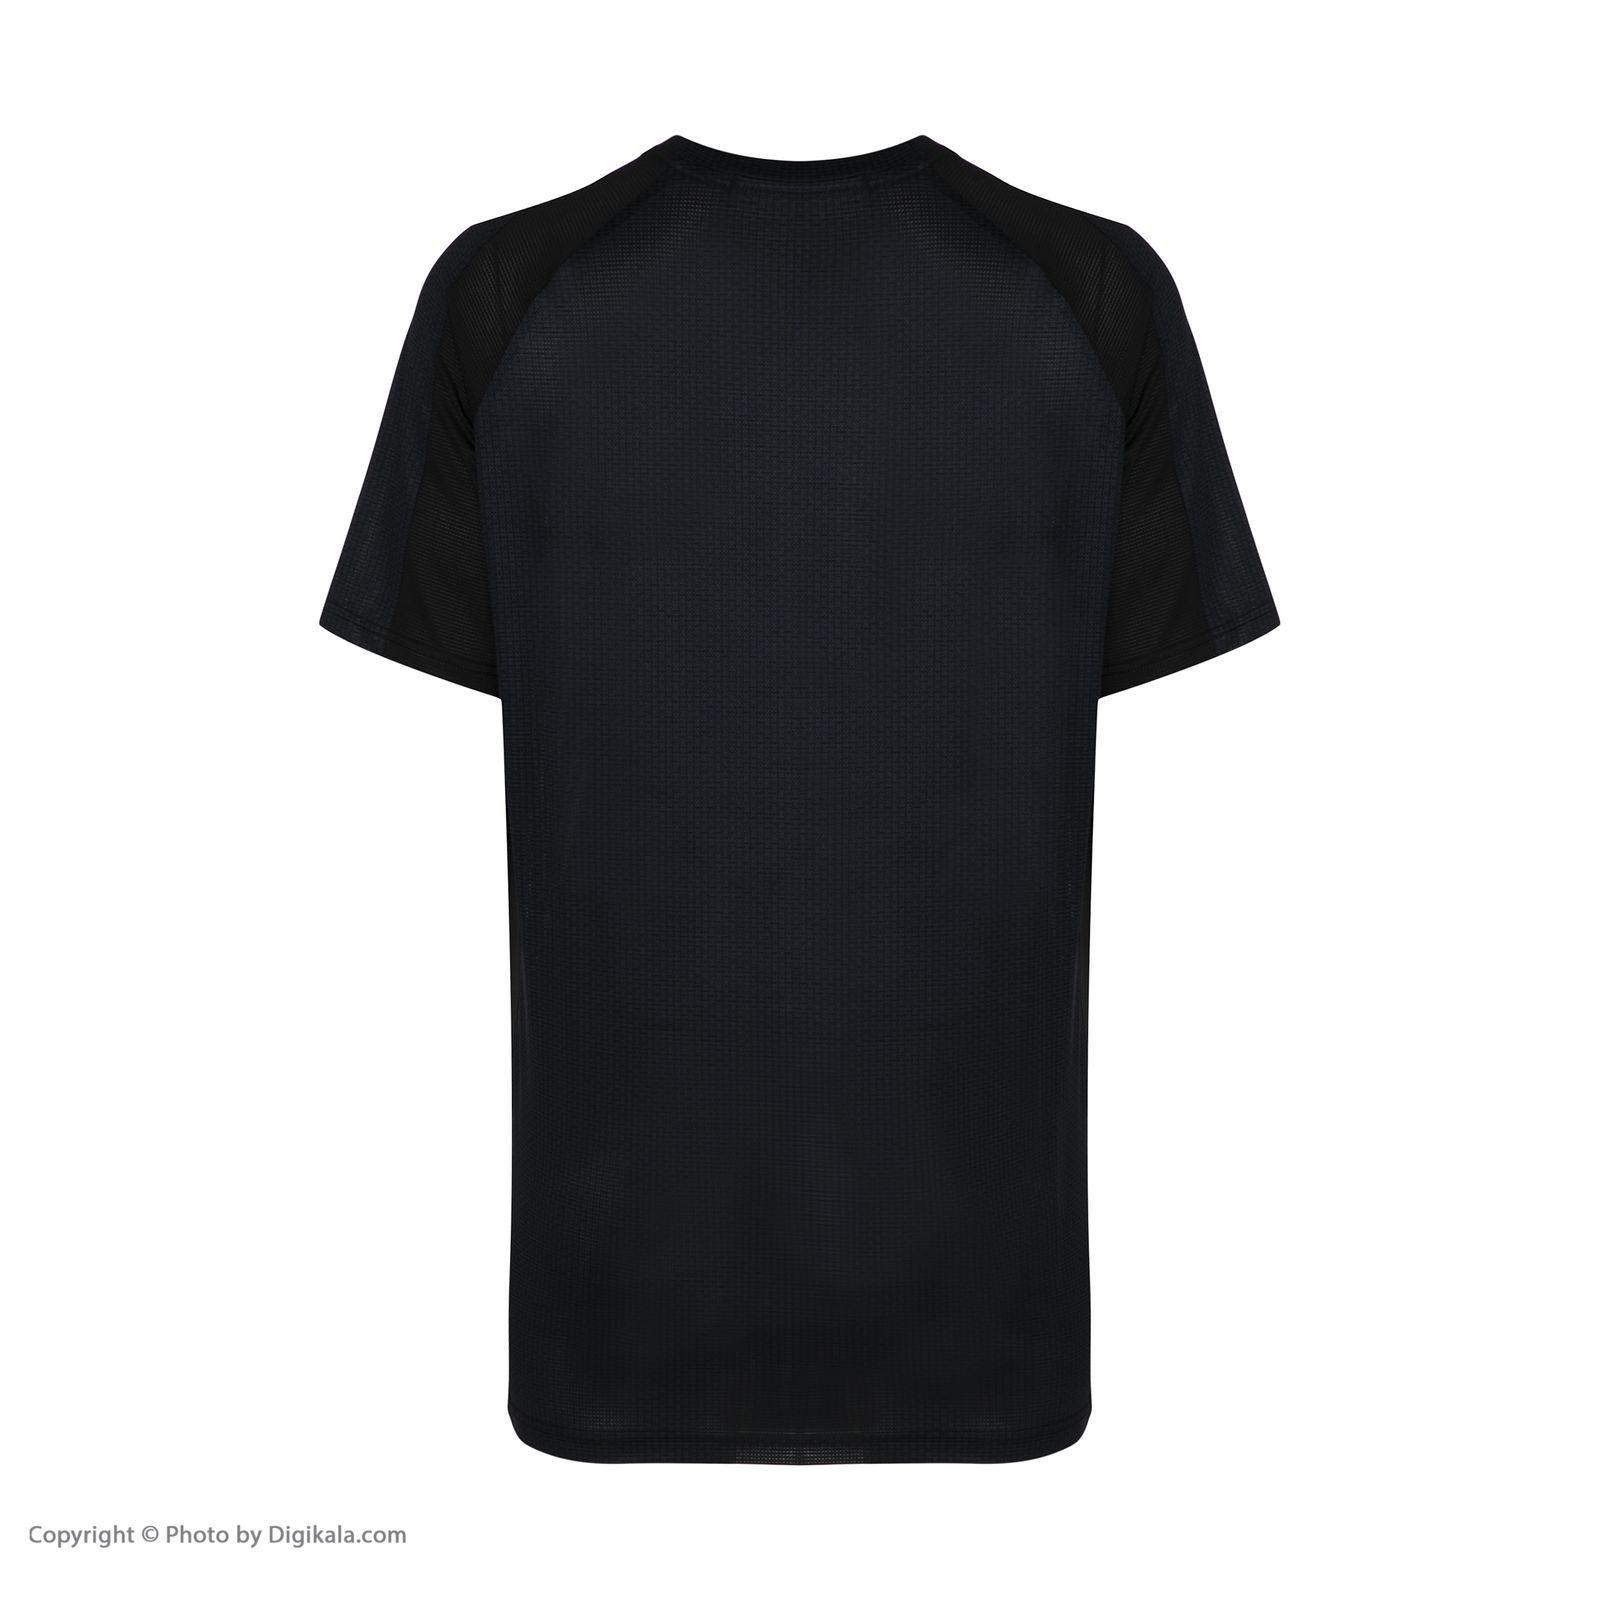 تیشرت آستین کوتاه مردانه مل اند موژ مدل KT0015-001 -  - 4